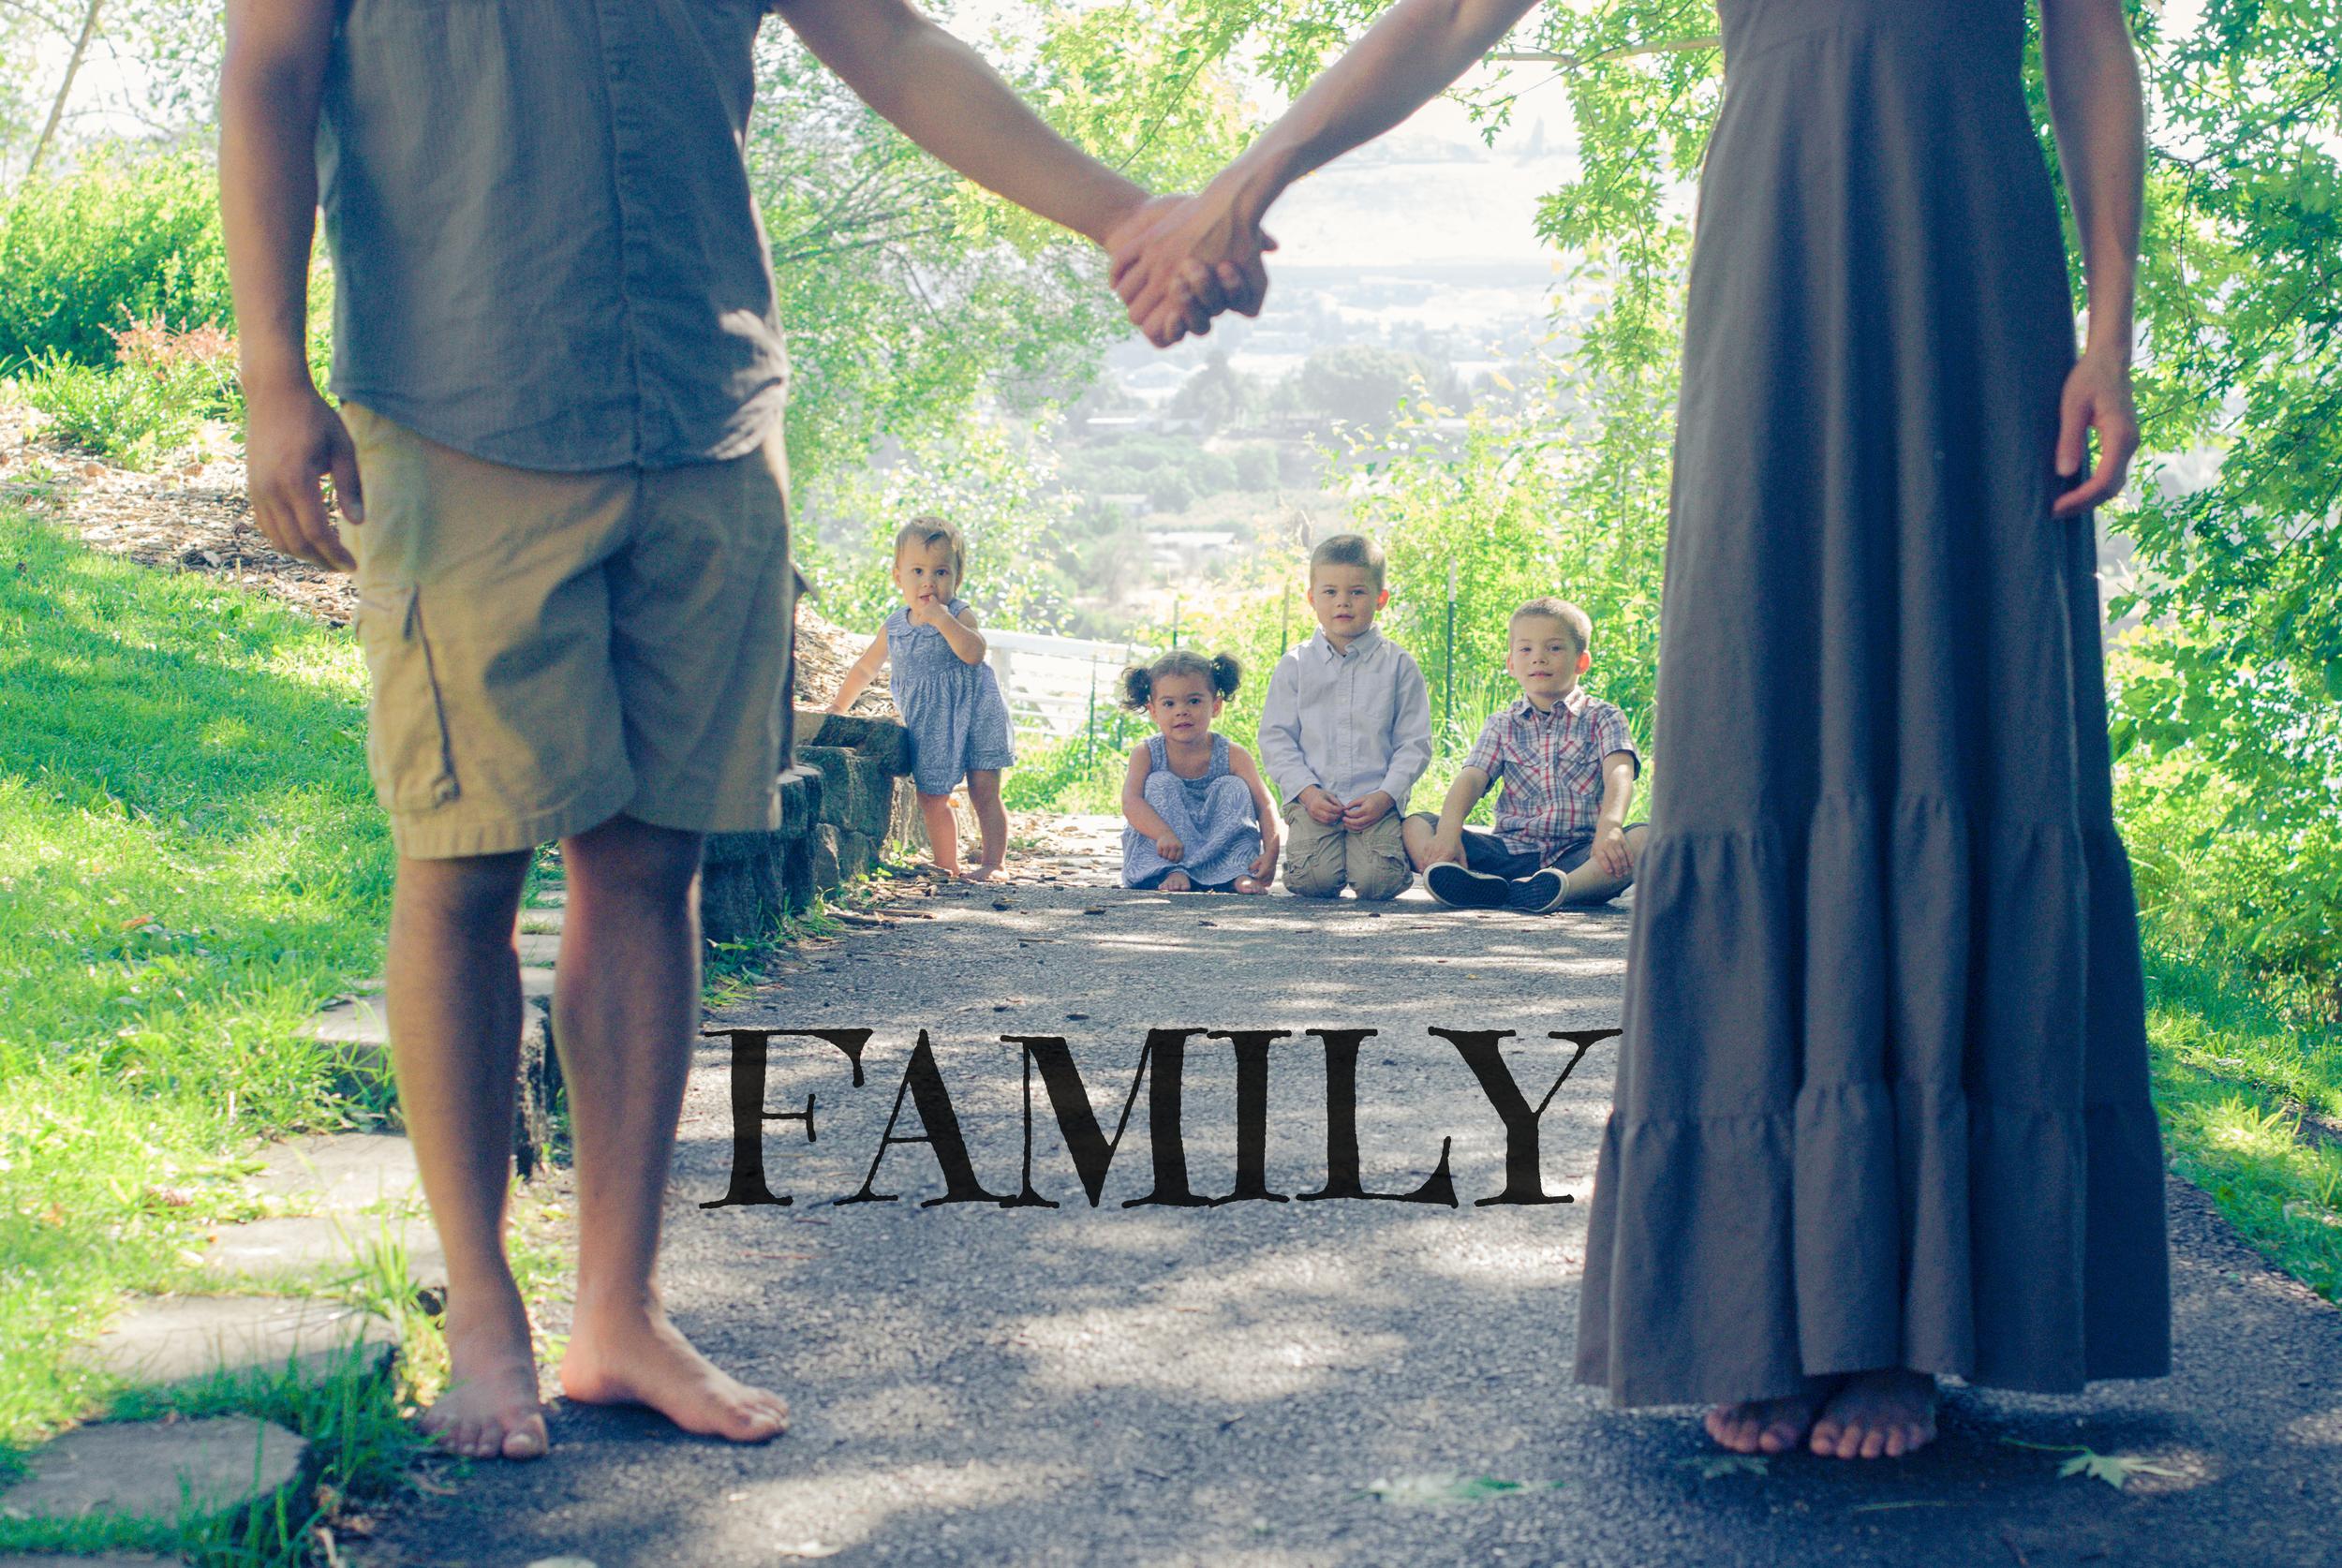 FAMILY HEADING.jpg